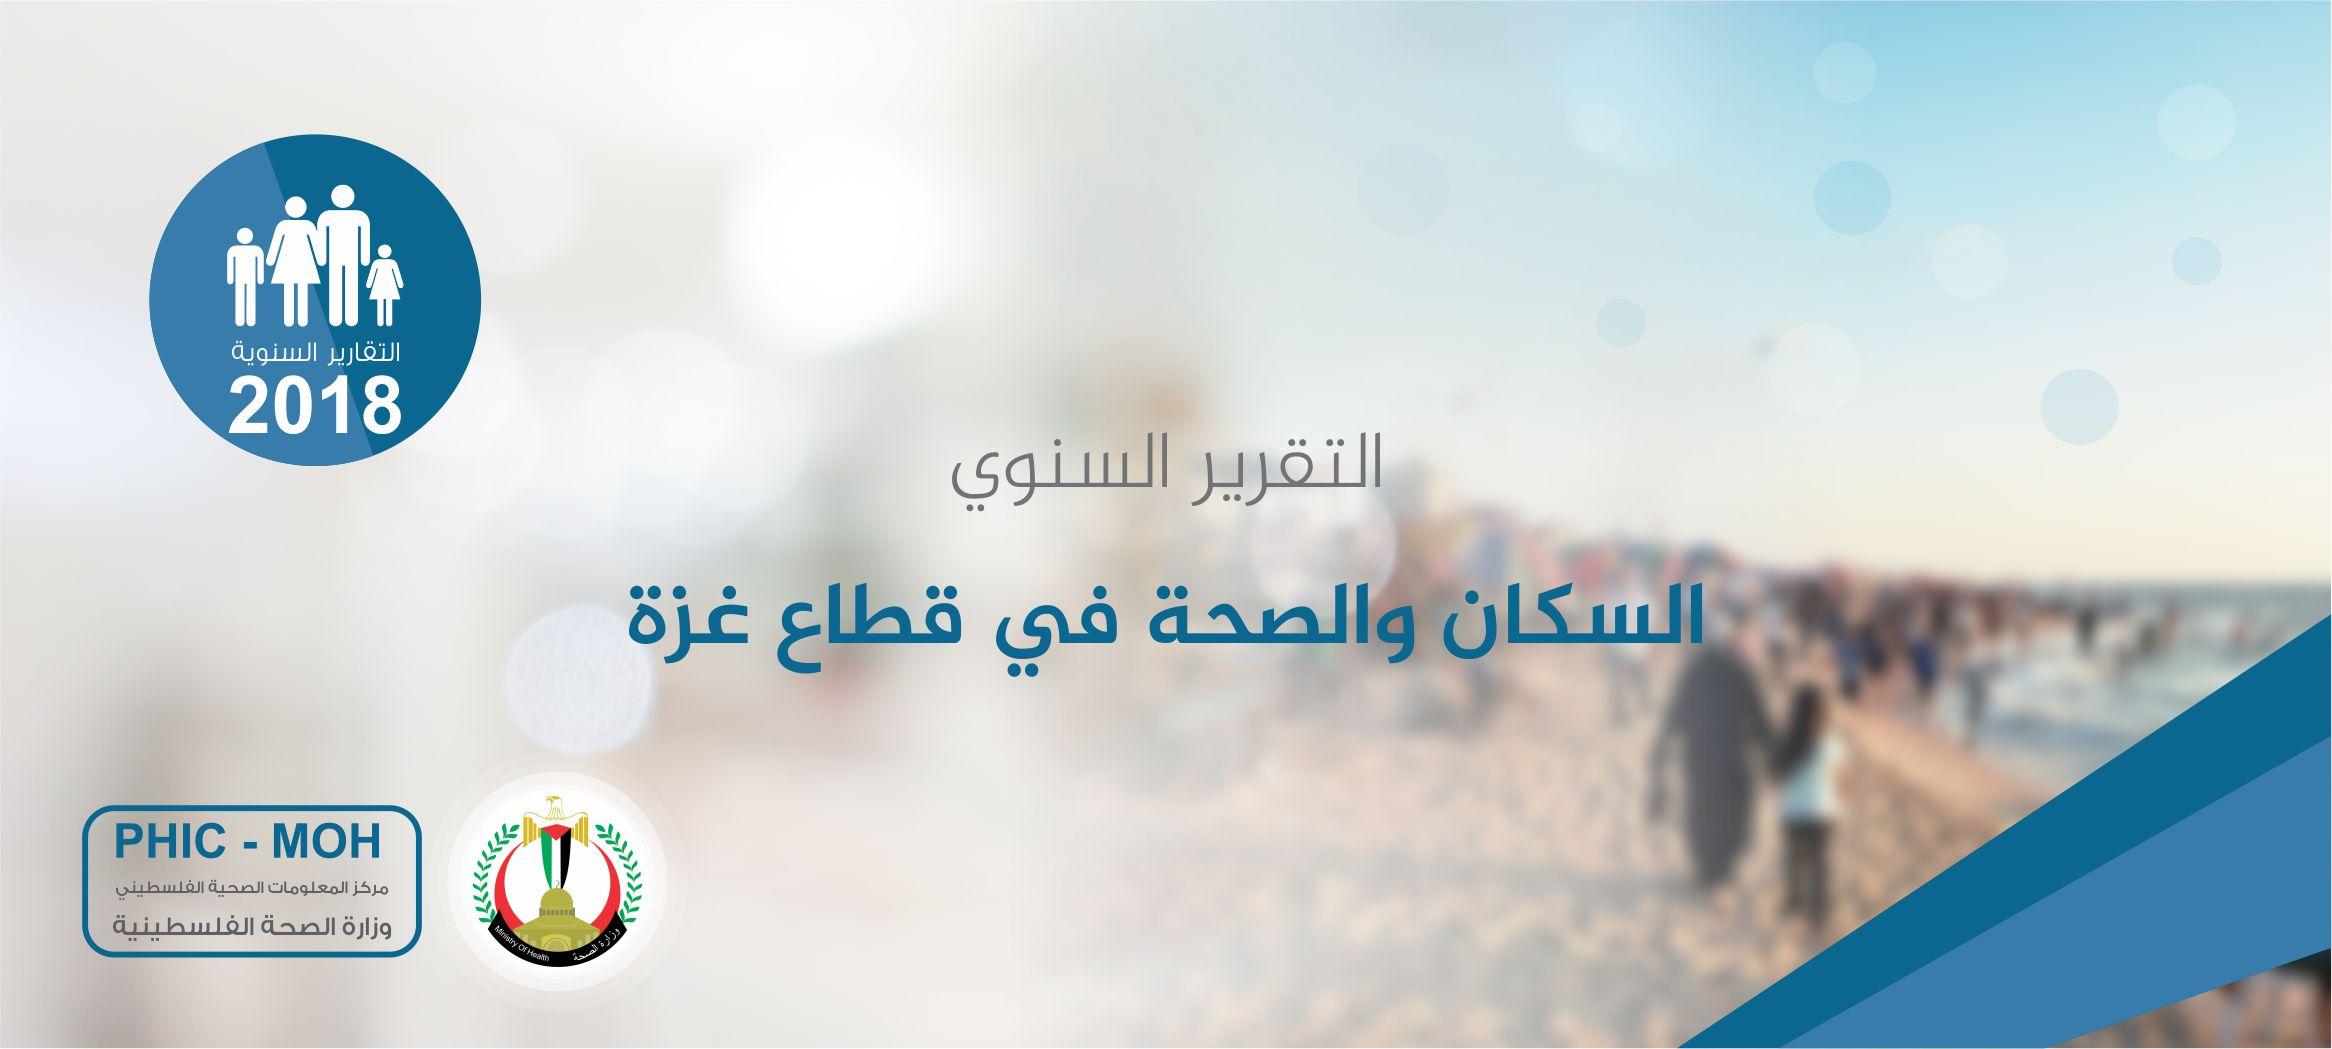 التقرير السنوي للسكان للعام 2018 مركز المعلومات الصحية – غزة